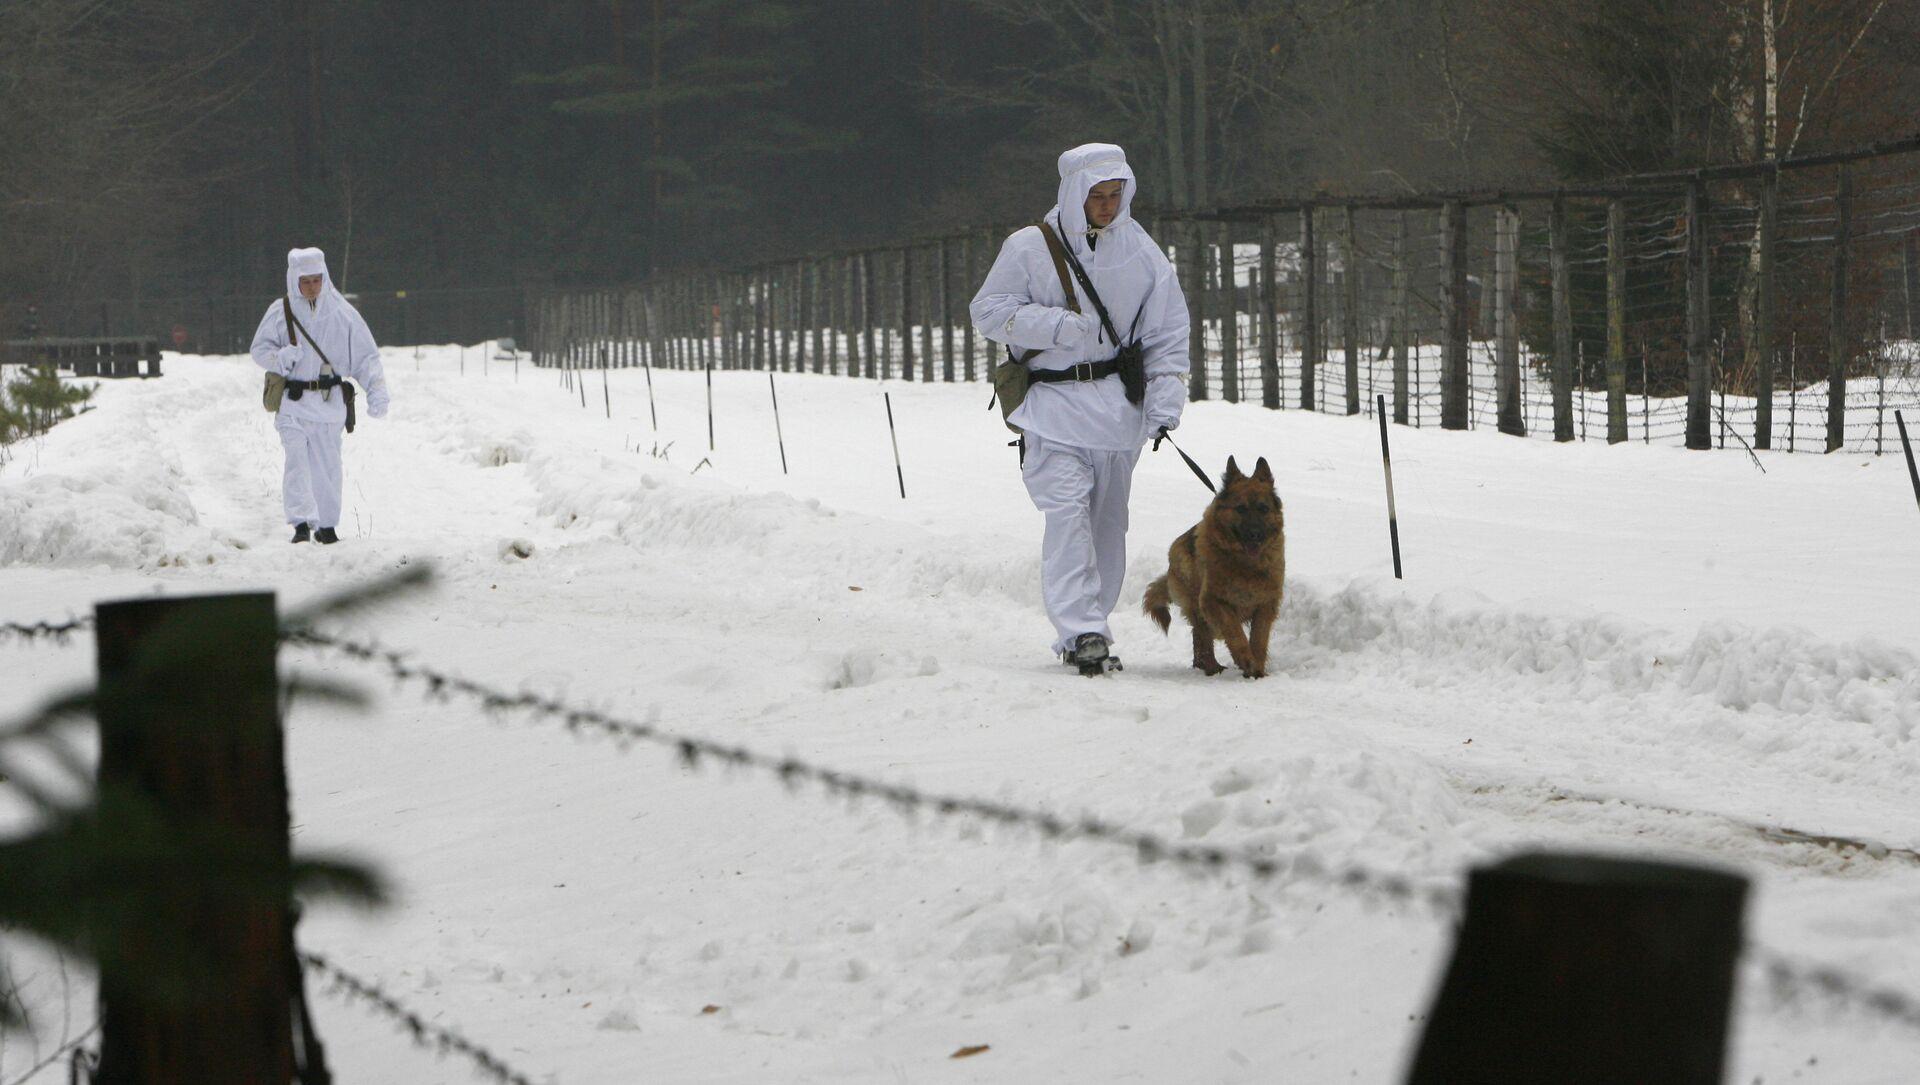 Białoruscy żołnierze z psem spacerują wzdłuż ogrodzenia z drutu na granicy z Polską - Sputnik Polska, 1920, 02.04.2021